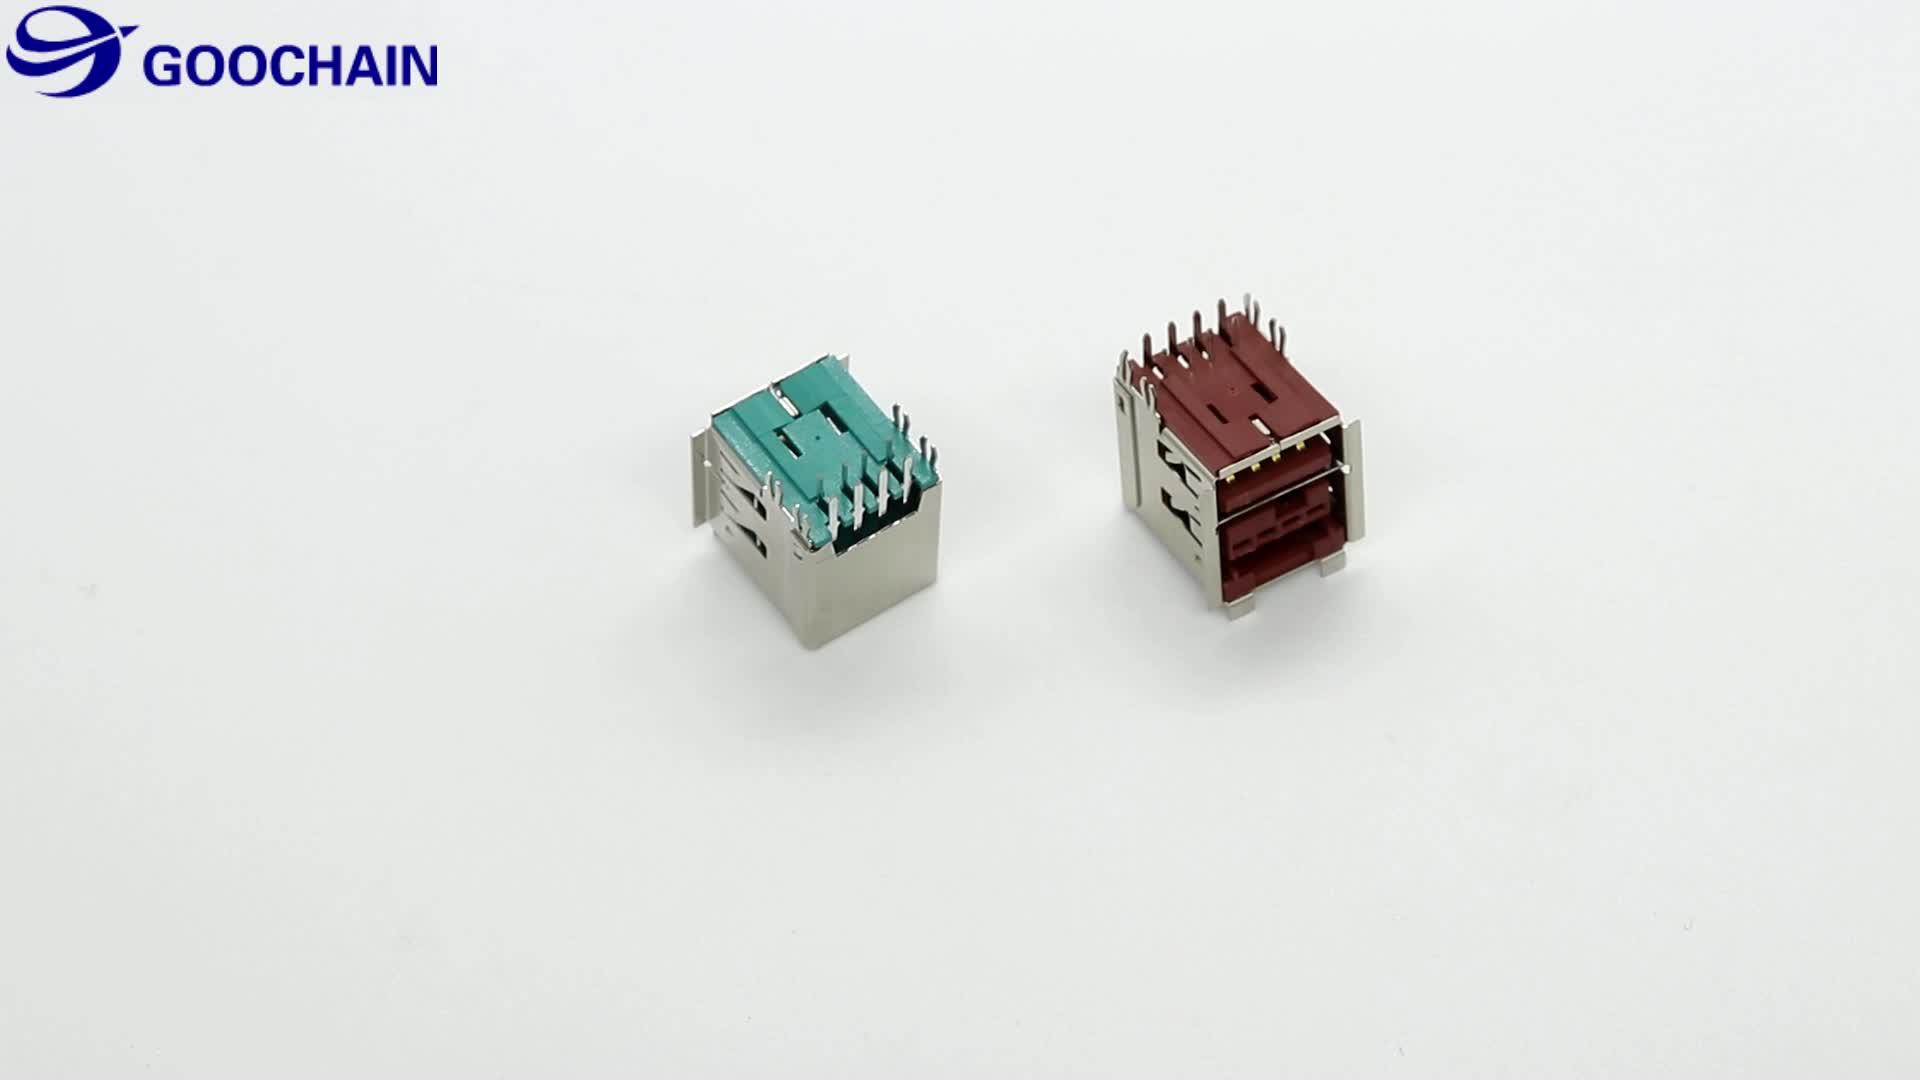 Injeksi 2x4pin Didukung USB Male untuk 12V Power USB Kabel Ekstensi Pria untuk POS Printer IBM